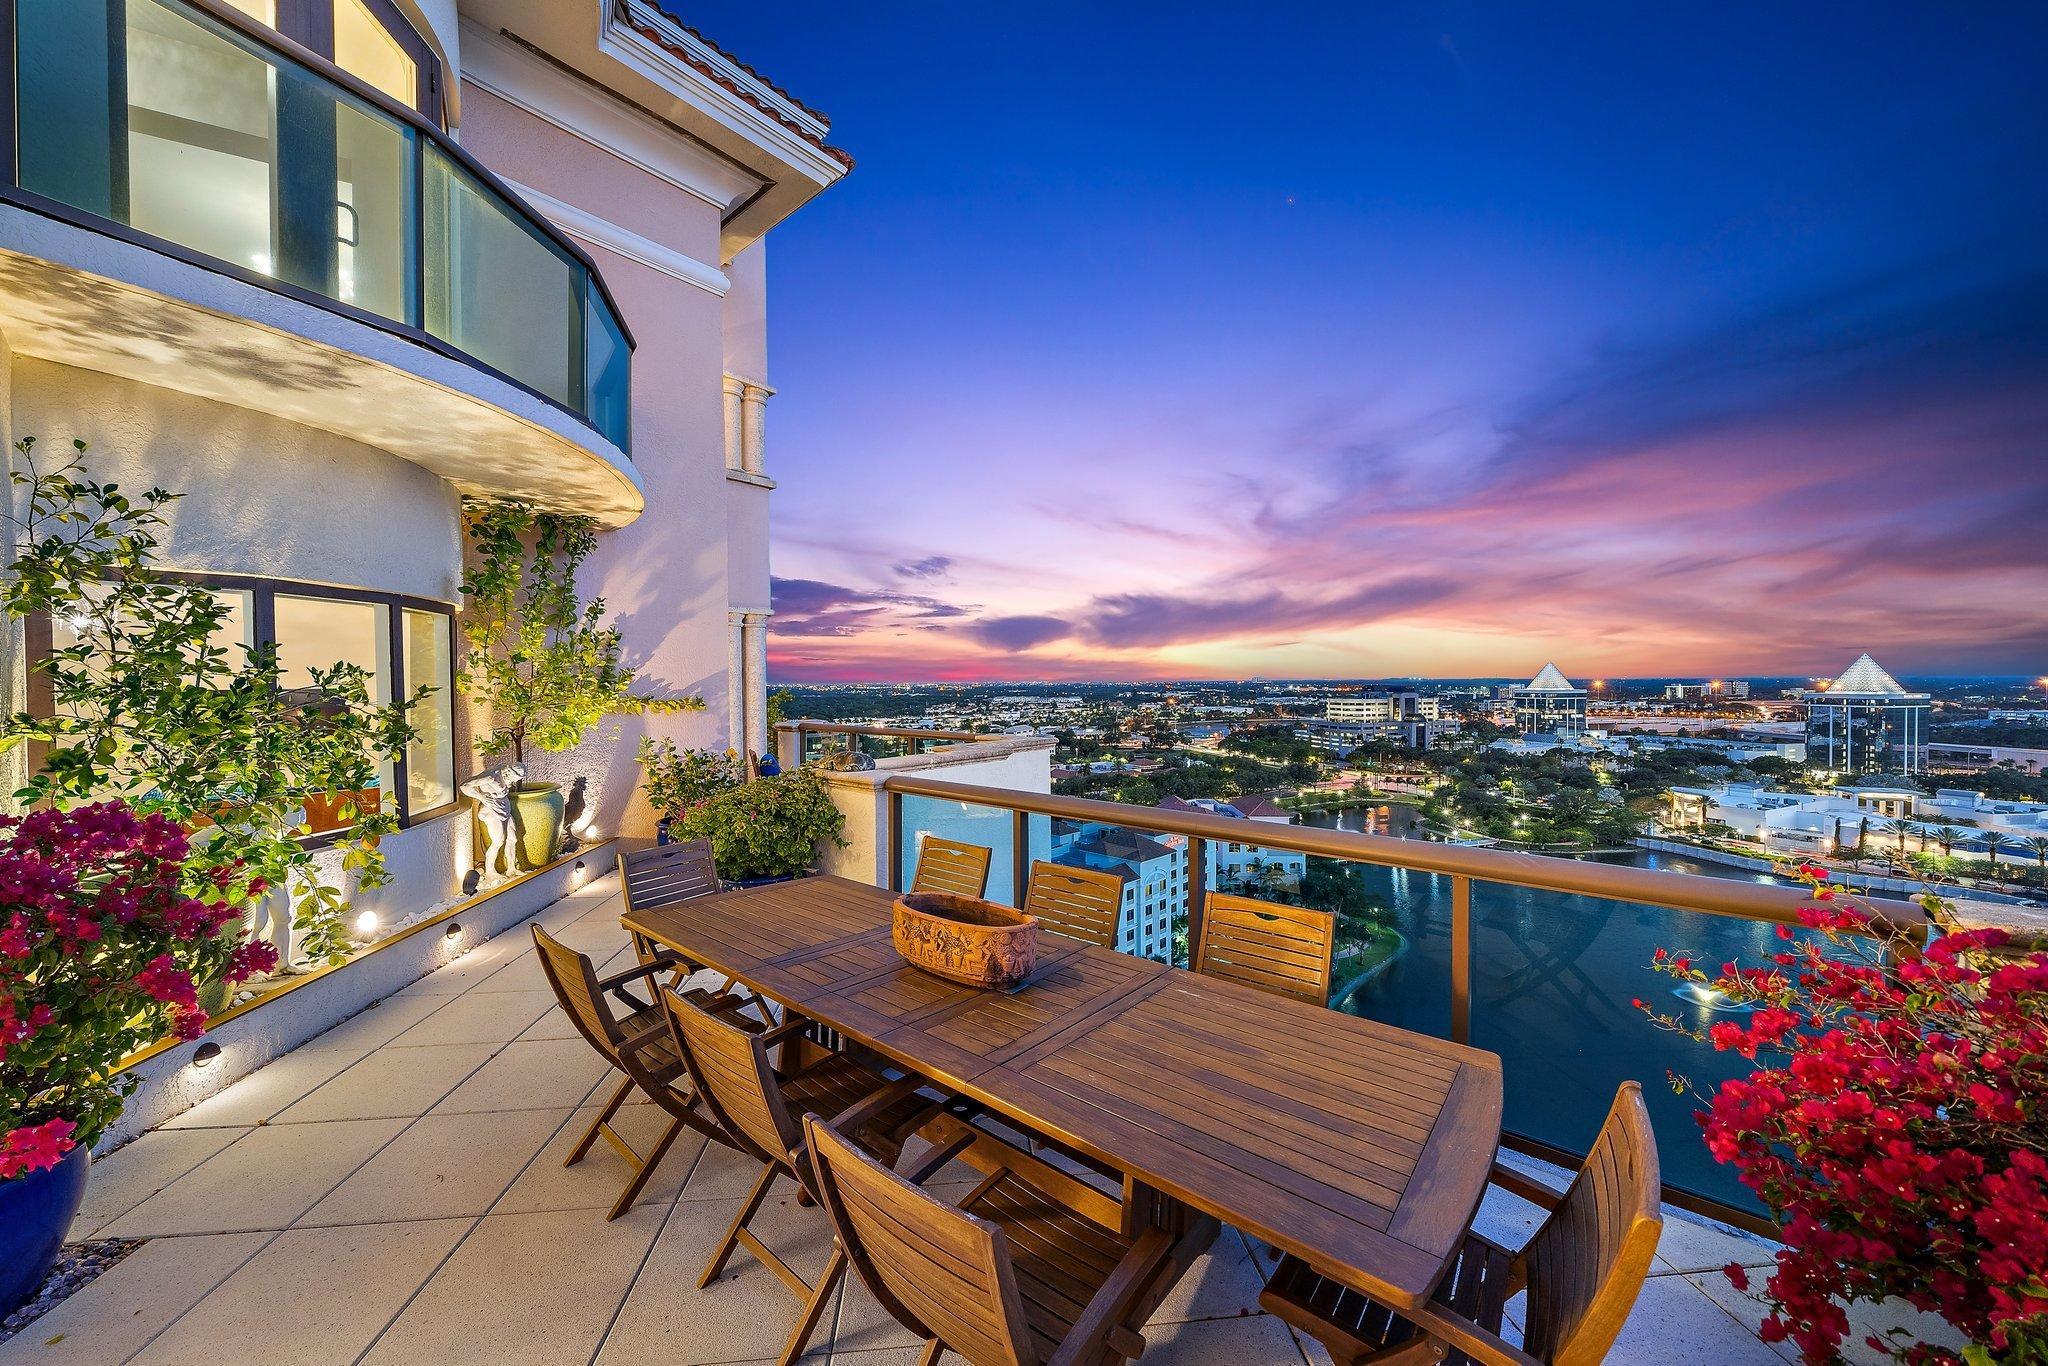 3620 Gardens Parkway 1702b, Palm Beach Gardens, Florida 33410, 4 Bedrooms Bedrooms, ,5.1 BathroomsBathrooms,A,Condominium,Gardens,RX-10718462